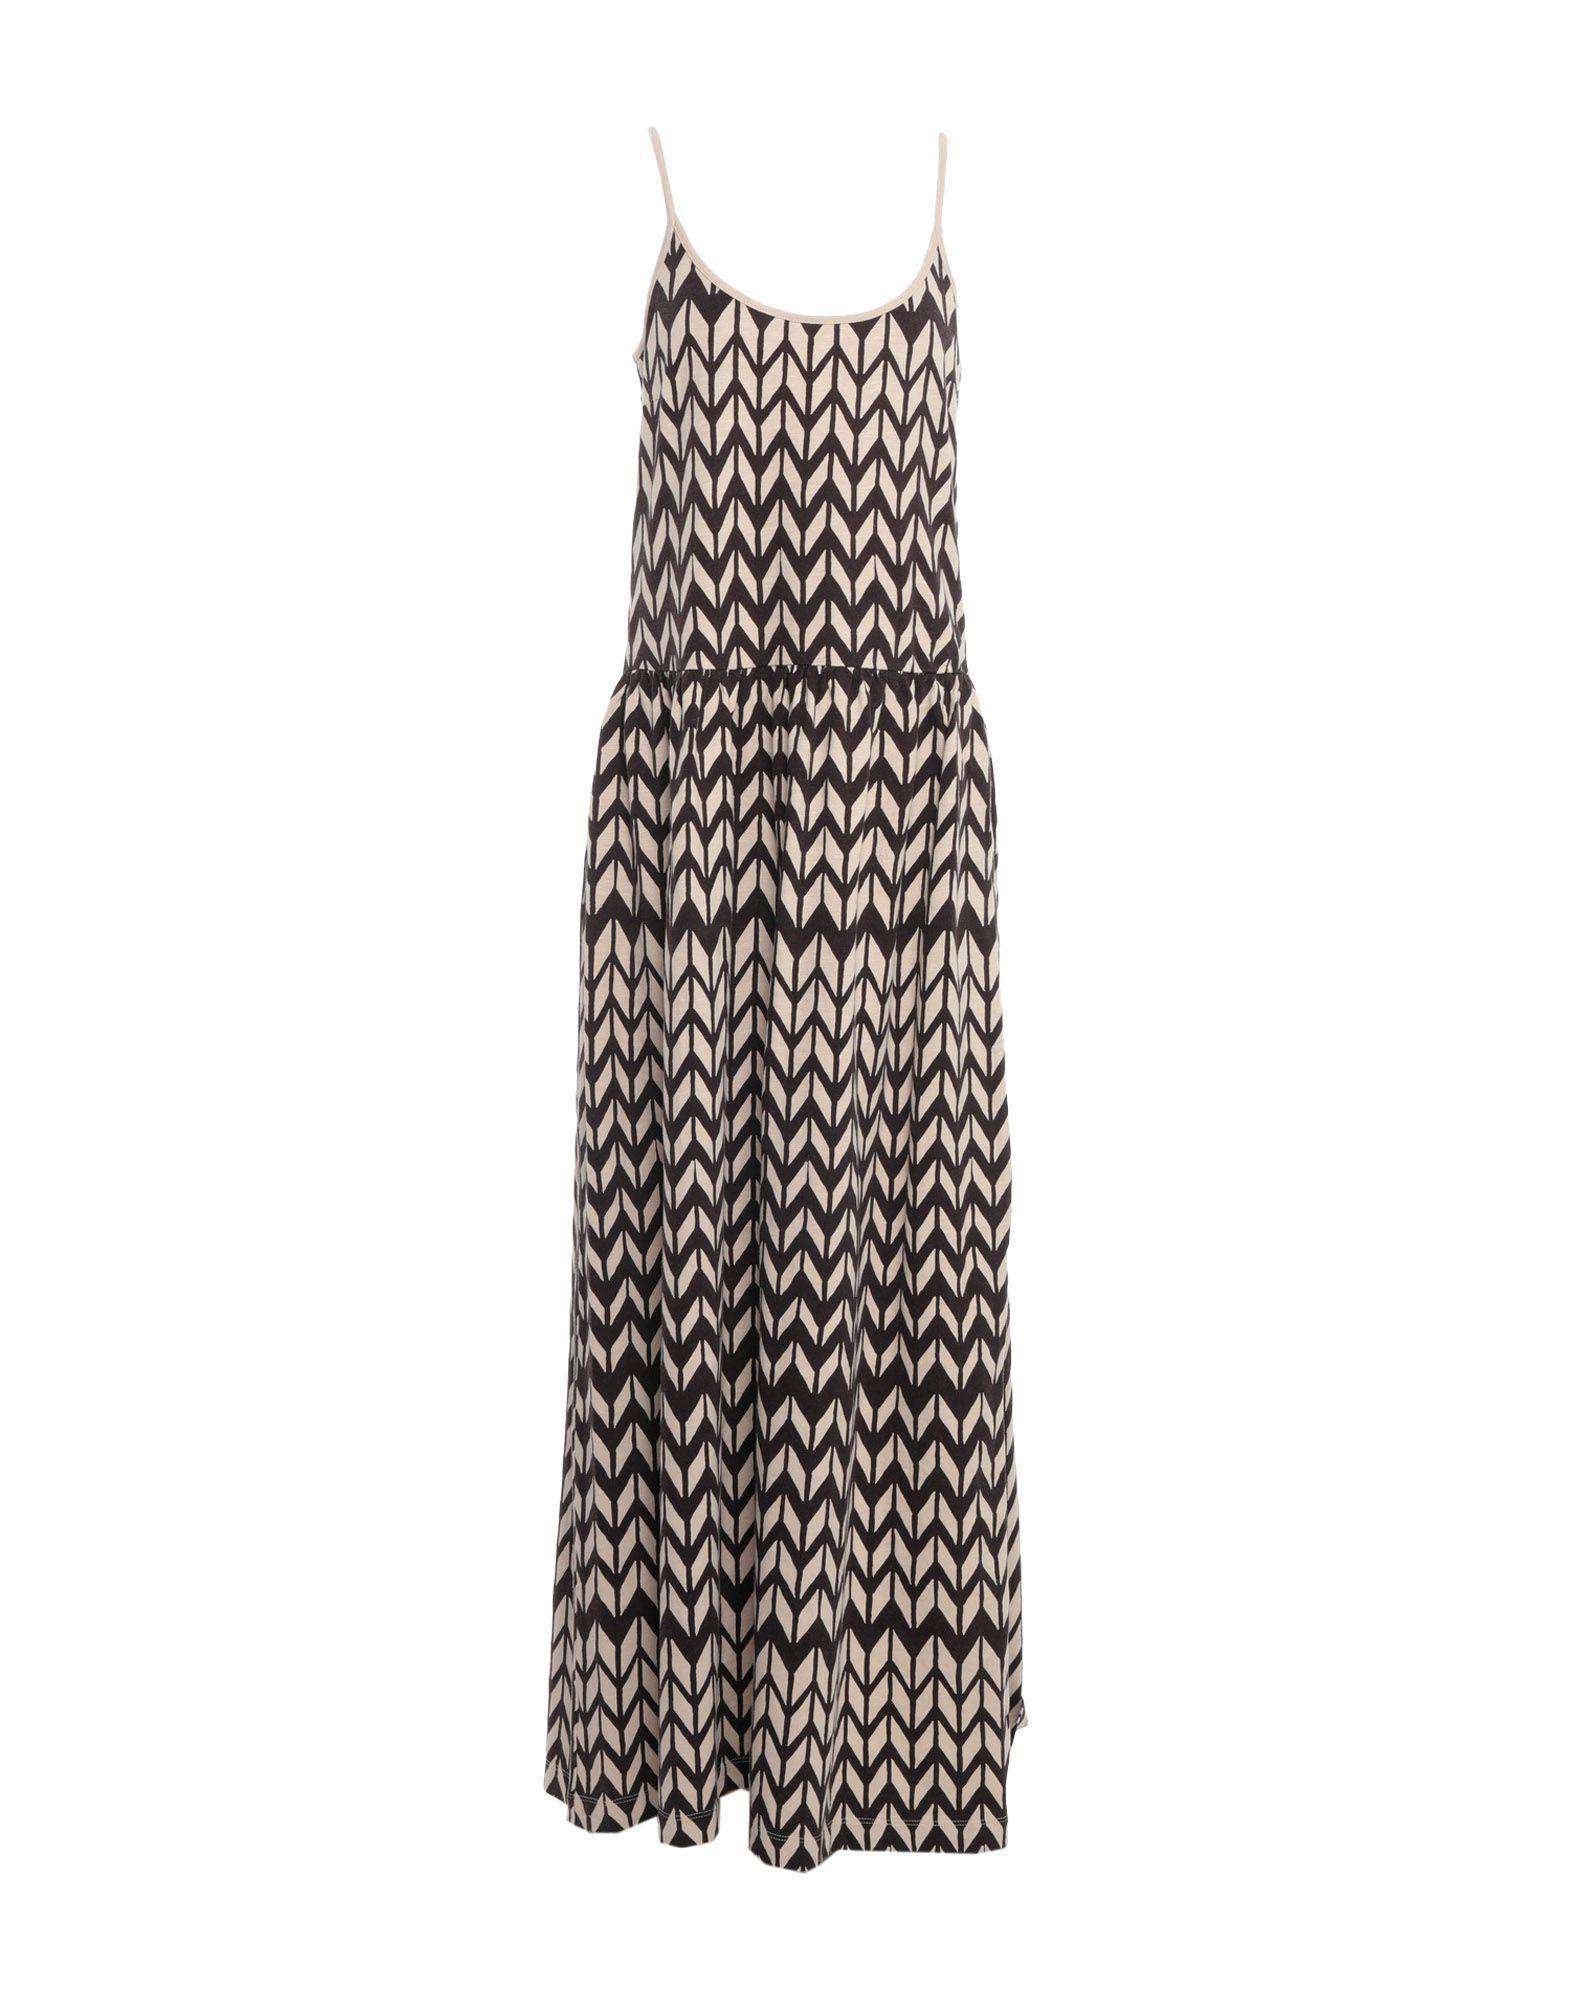 Woolrich Dark Brown Print Cotton Dress